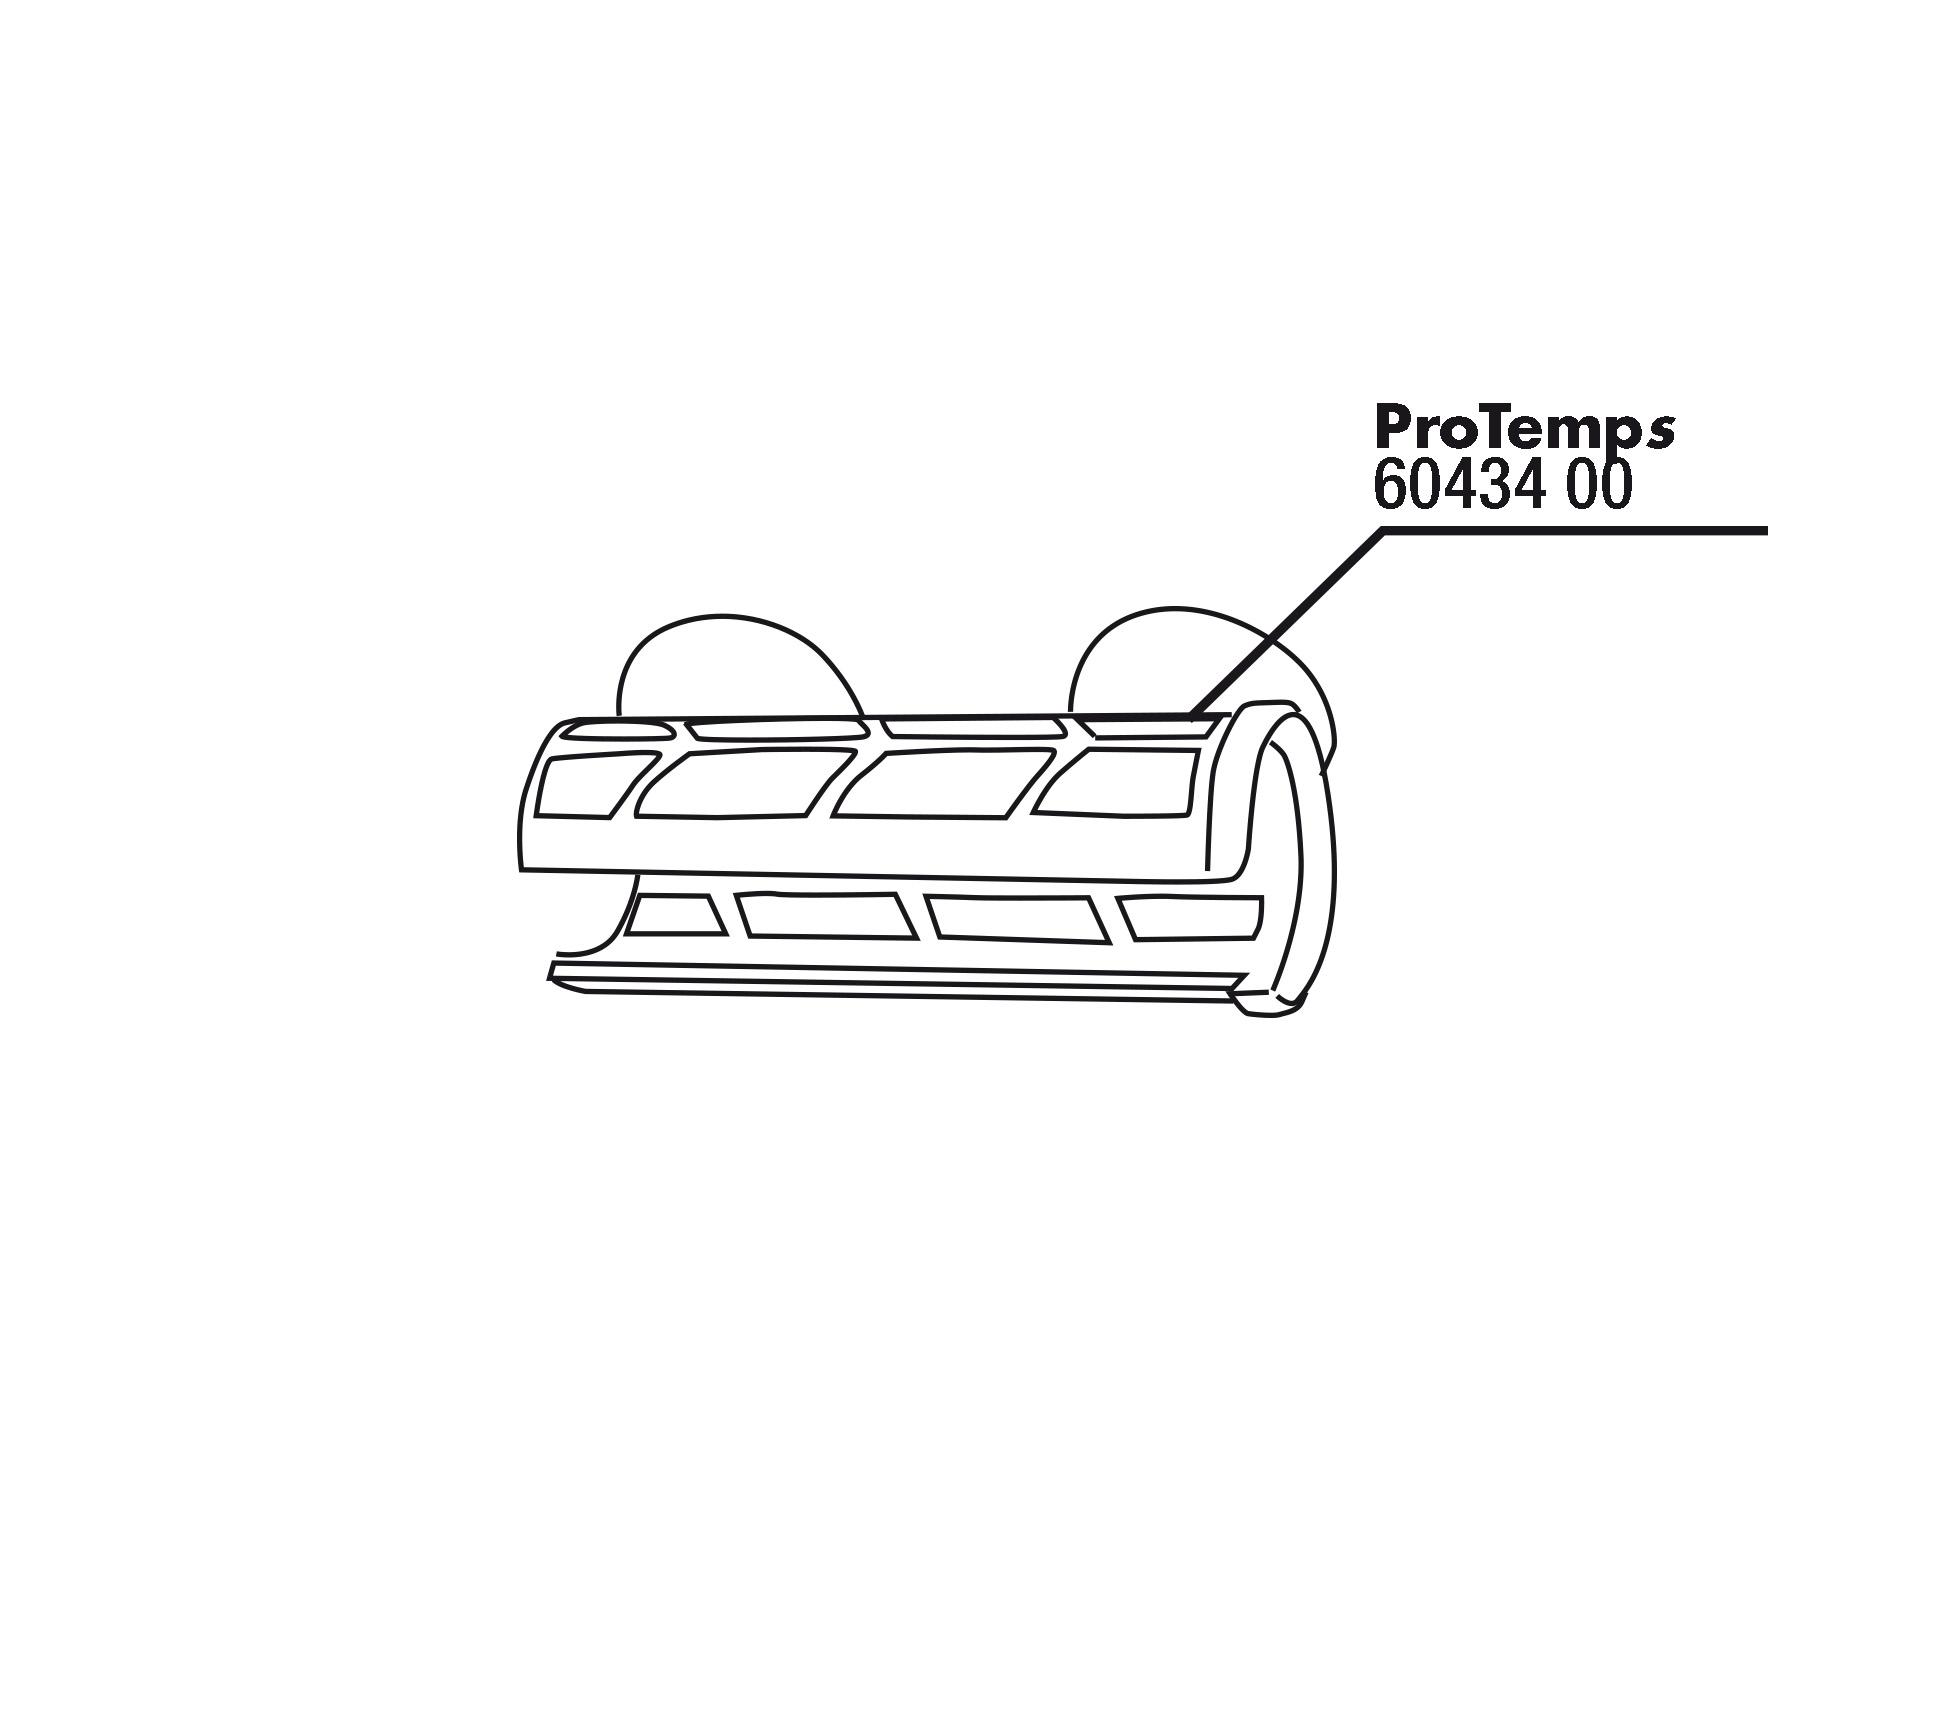 JBL ProTemp S Protect (oben +2 Sauger) 6043400